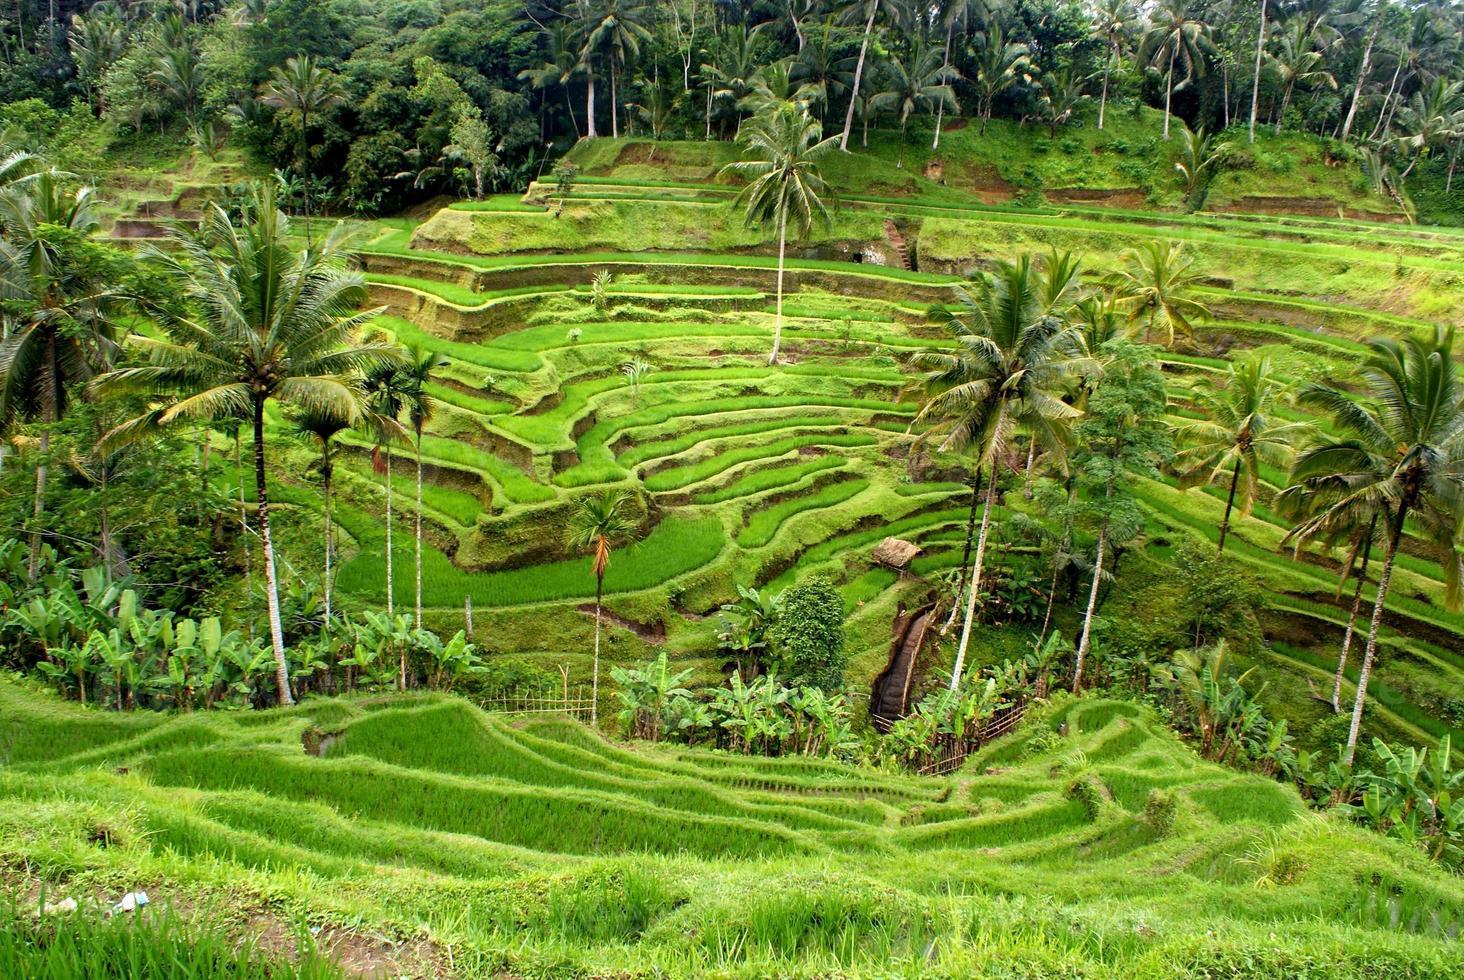 campos de arroz e terraço, bali, indonésia foto